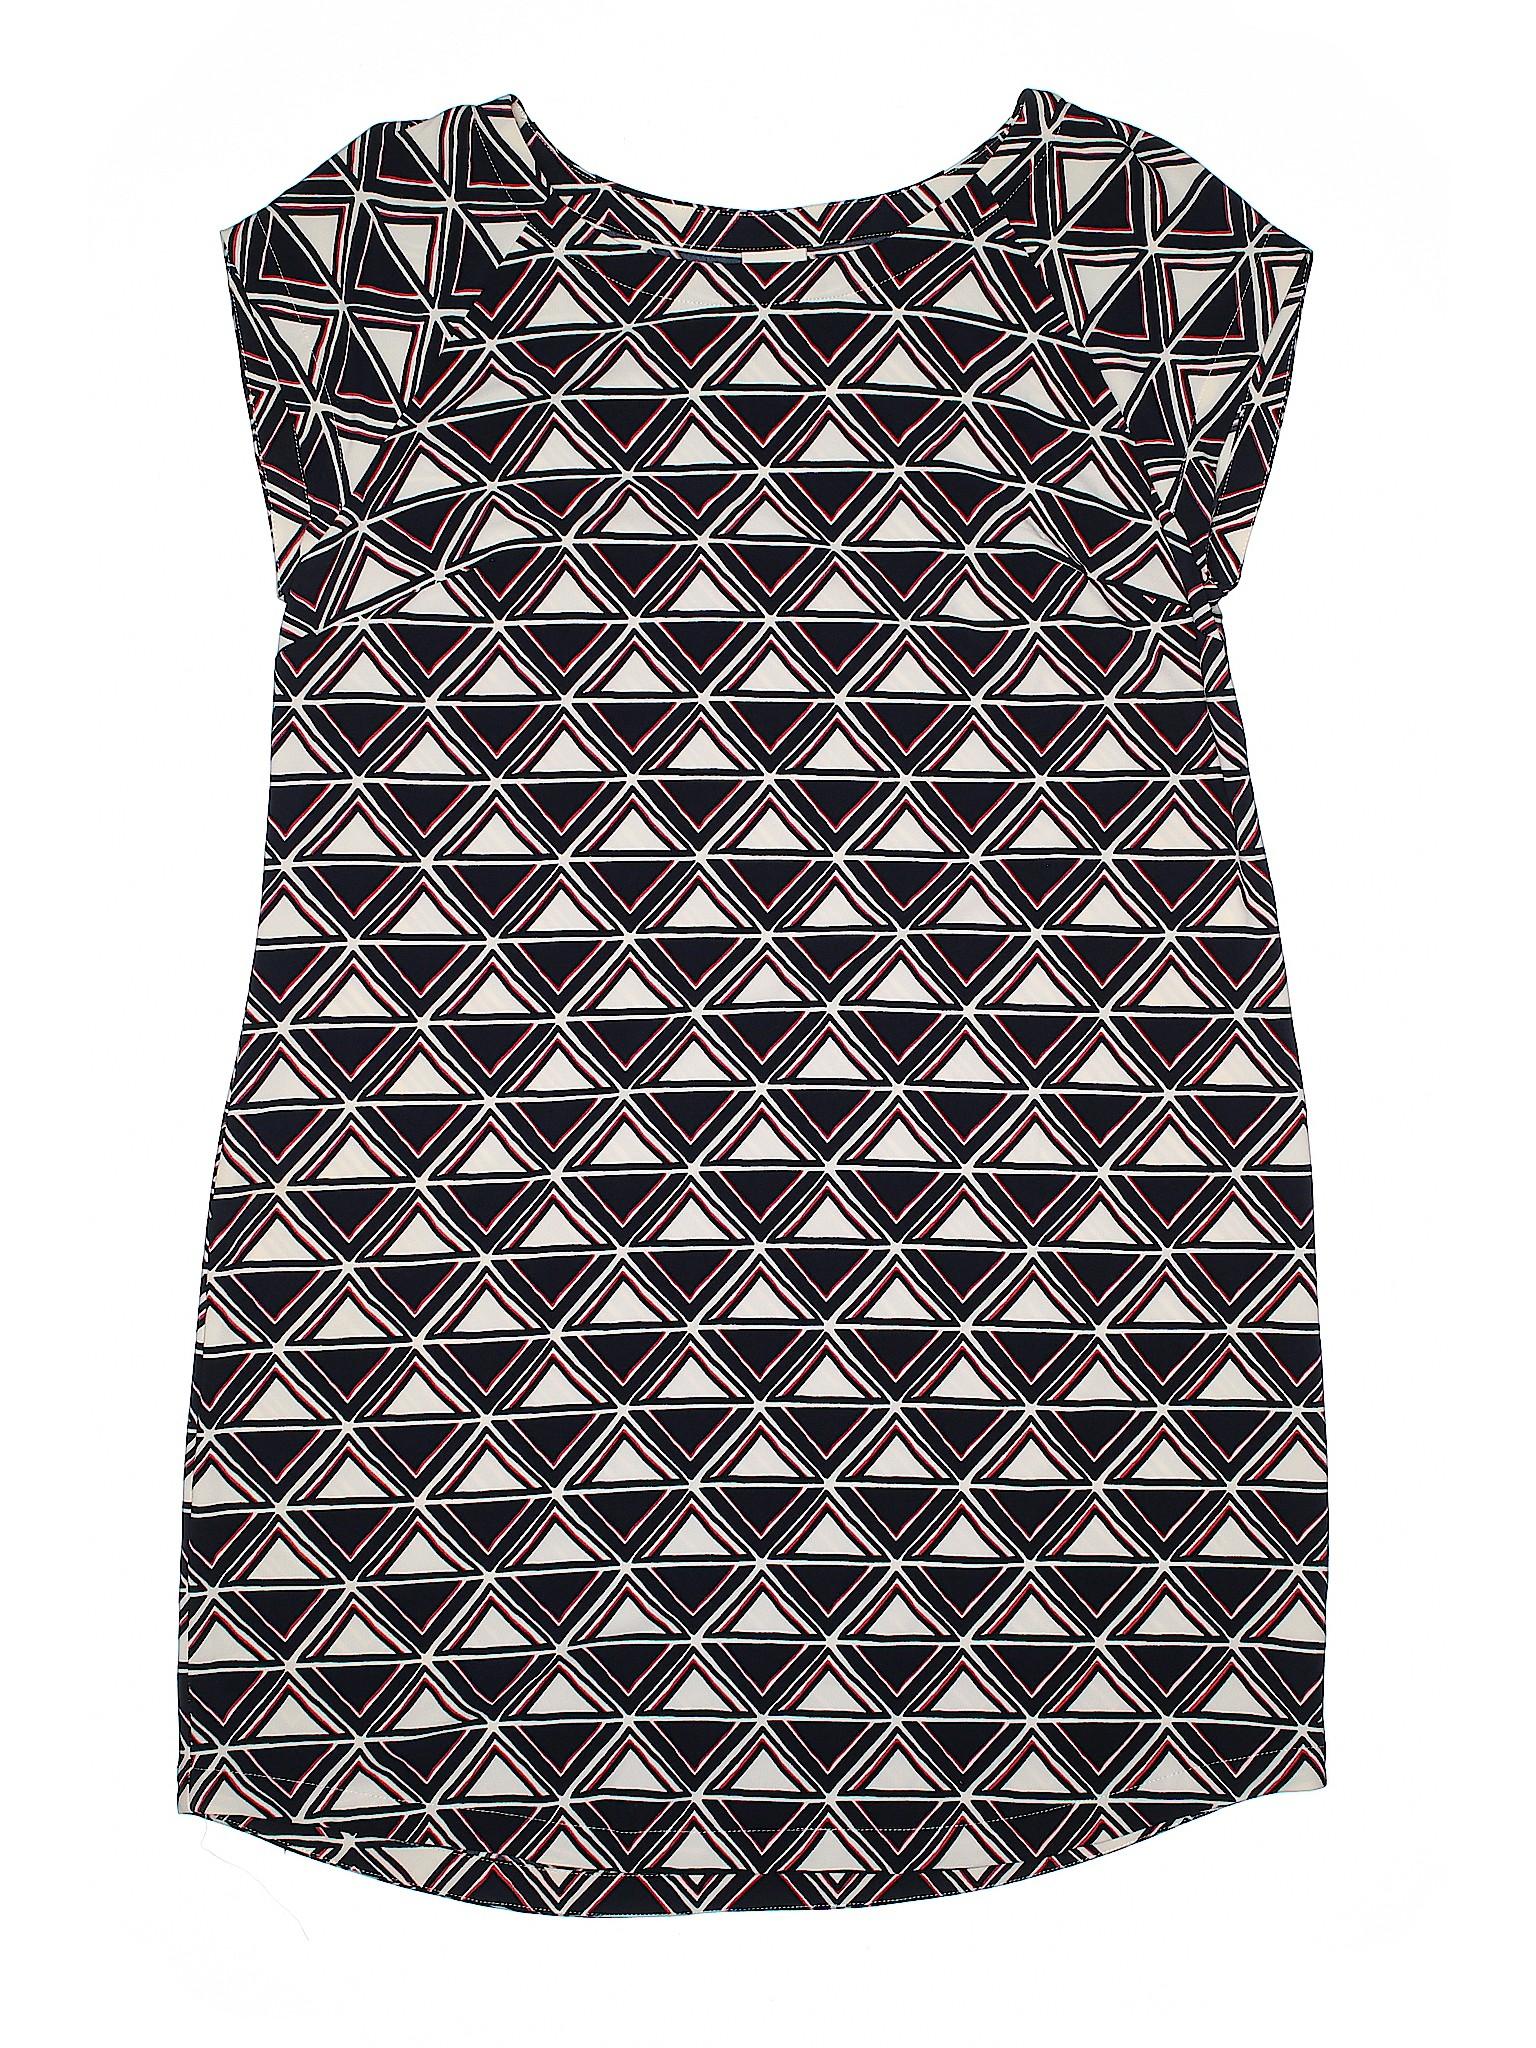 Selling Dress Dress Casual Casual Merona Dress Selling Selling Casual Merona Merona pUa4prqwPA